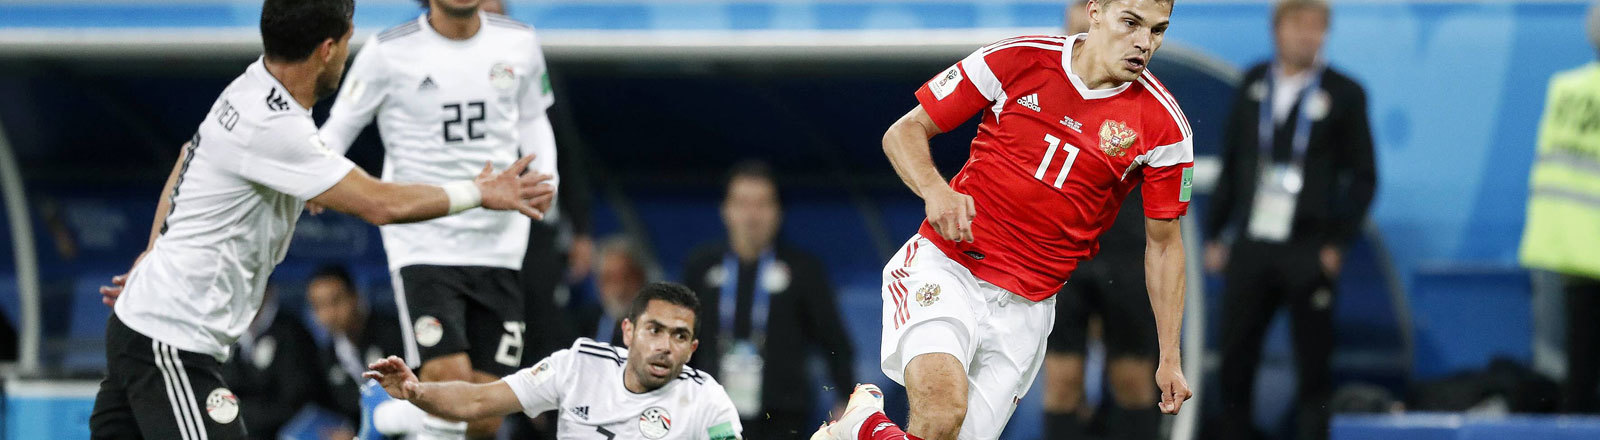 FIFA WM 2018: Der russische Spieler Roman Zobnin läuft drei ägyptischen Spielern davon.